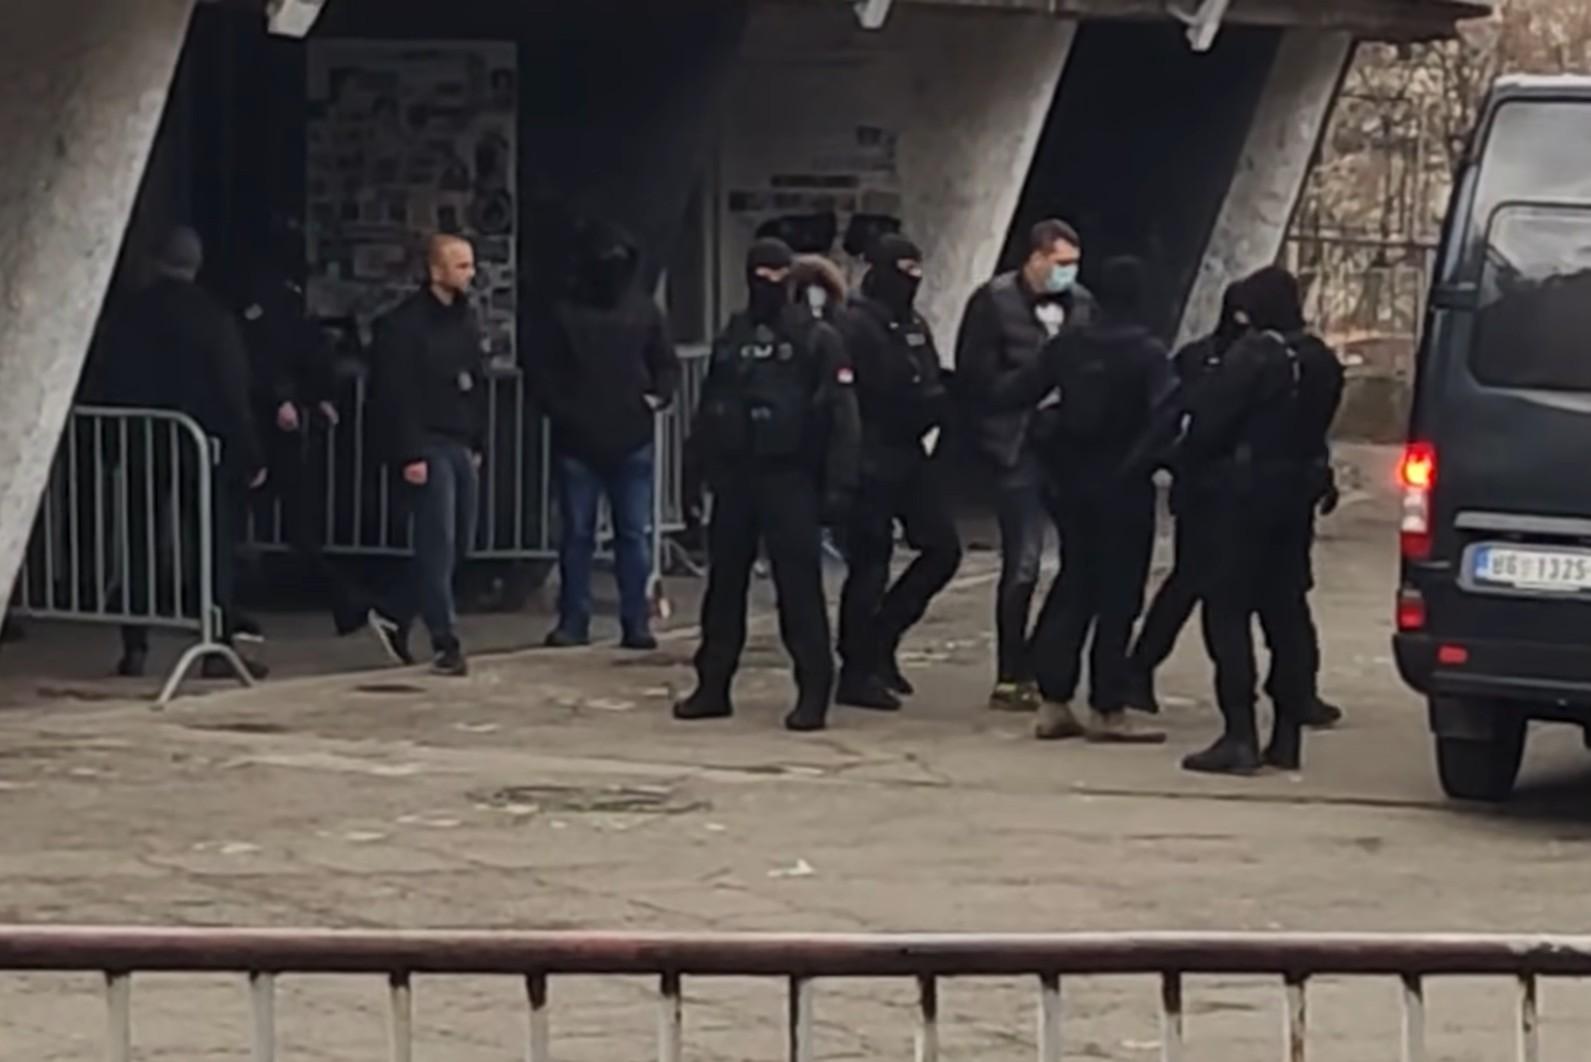 Trenutak hapšenja Veljka Belivuka ispred stadiona Partizana, Beograd, 04. februar 2021. (Foto: Snimak ekrana/Jutjub/NOVA S)